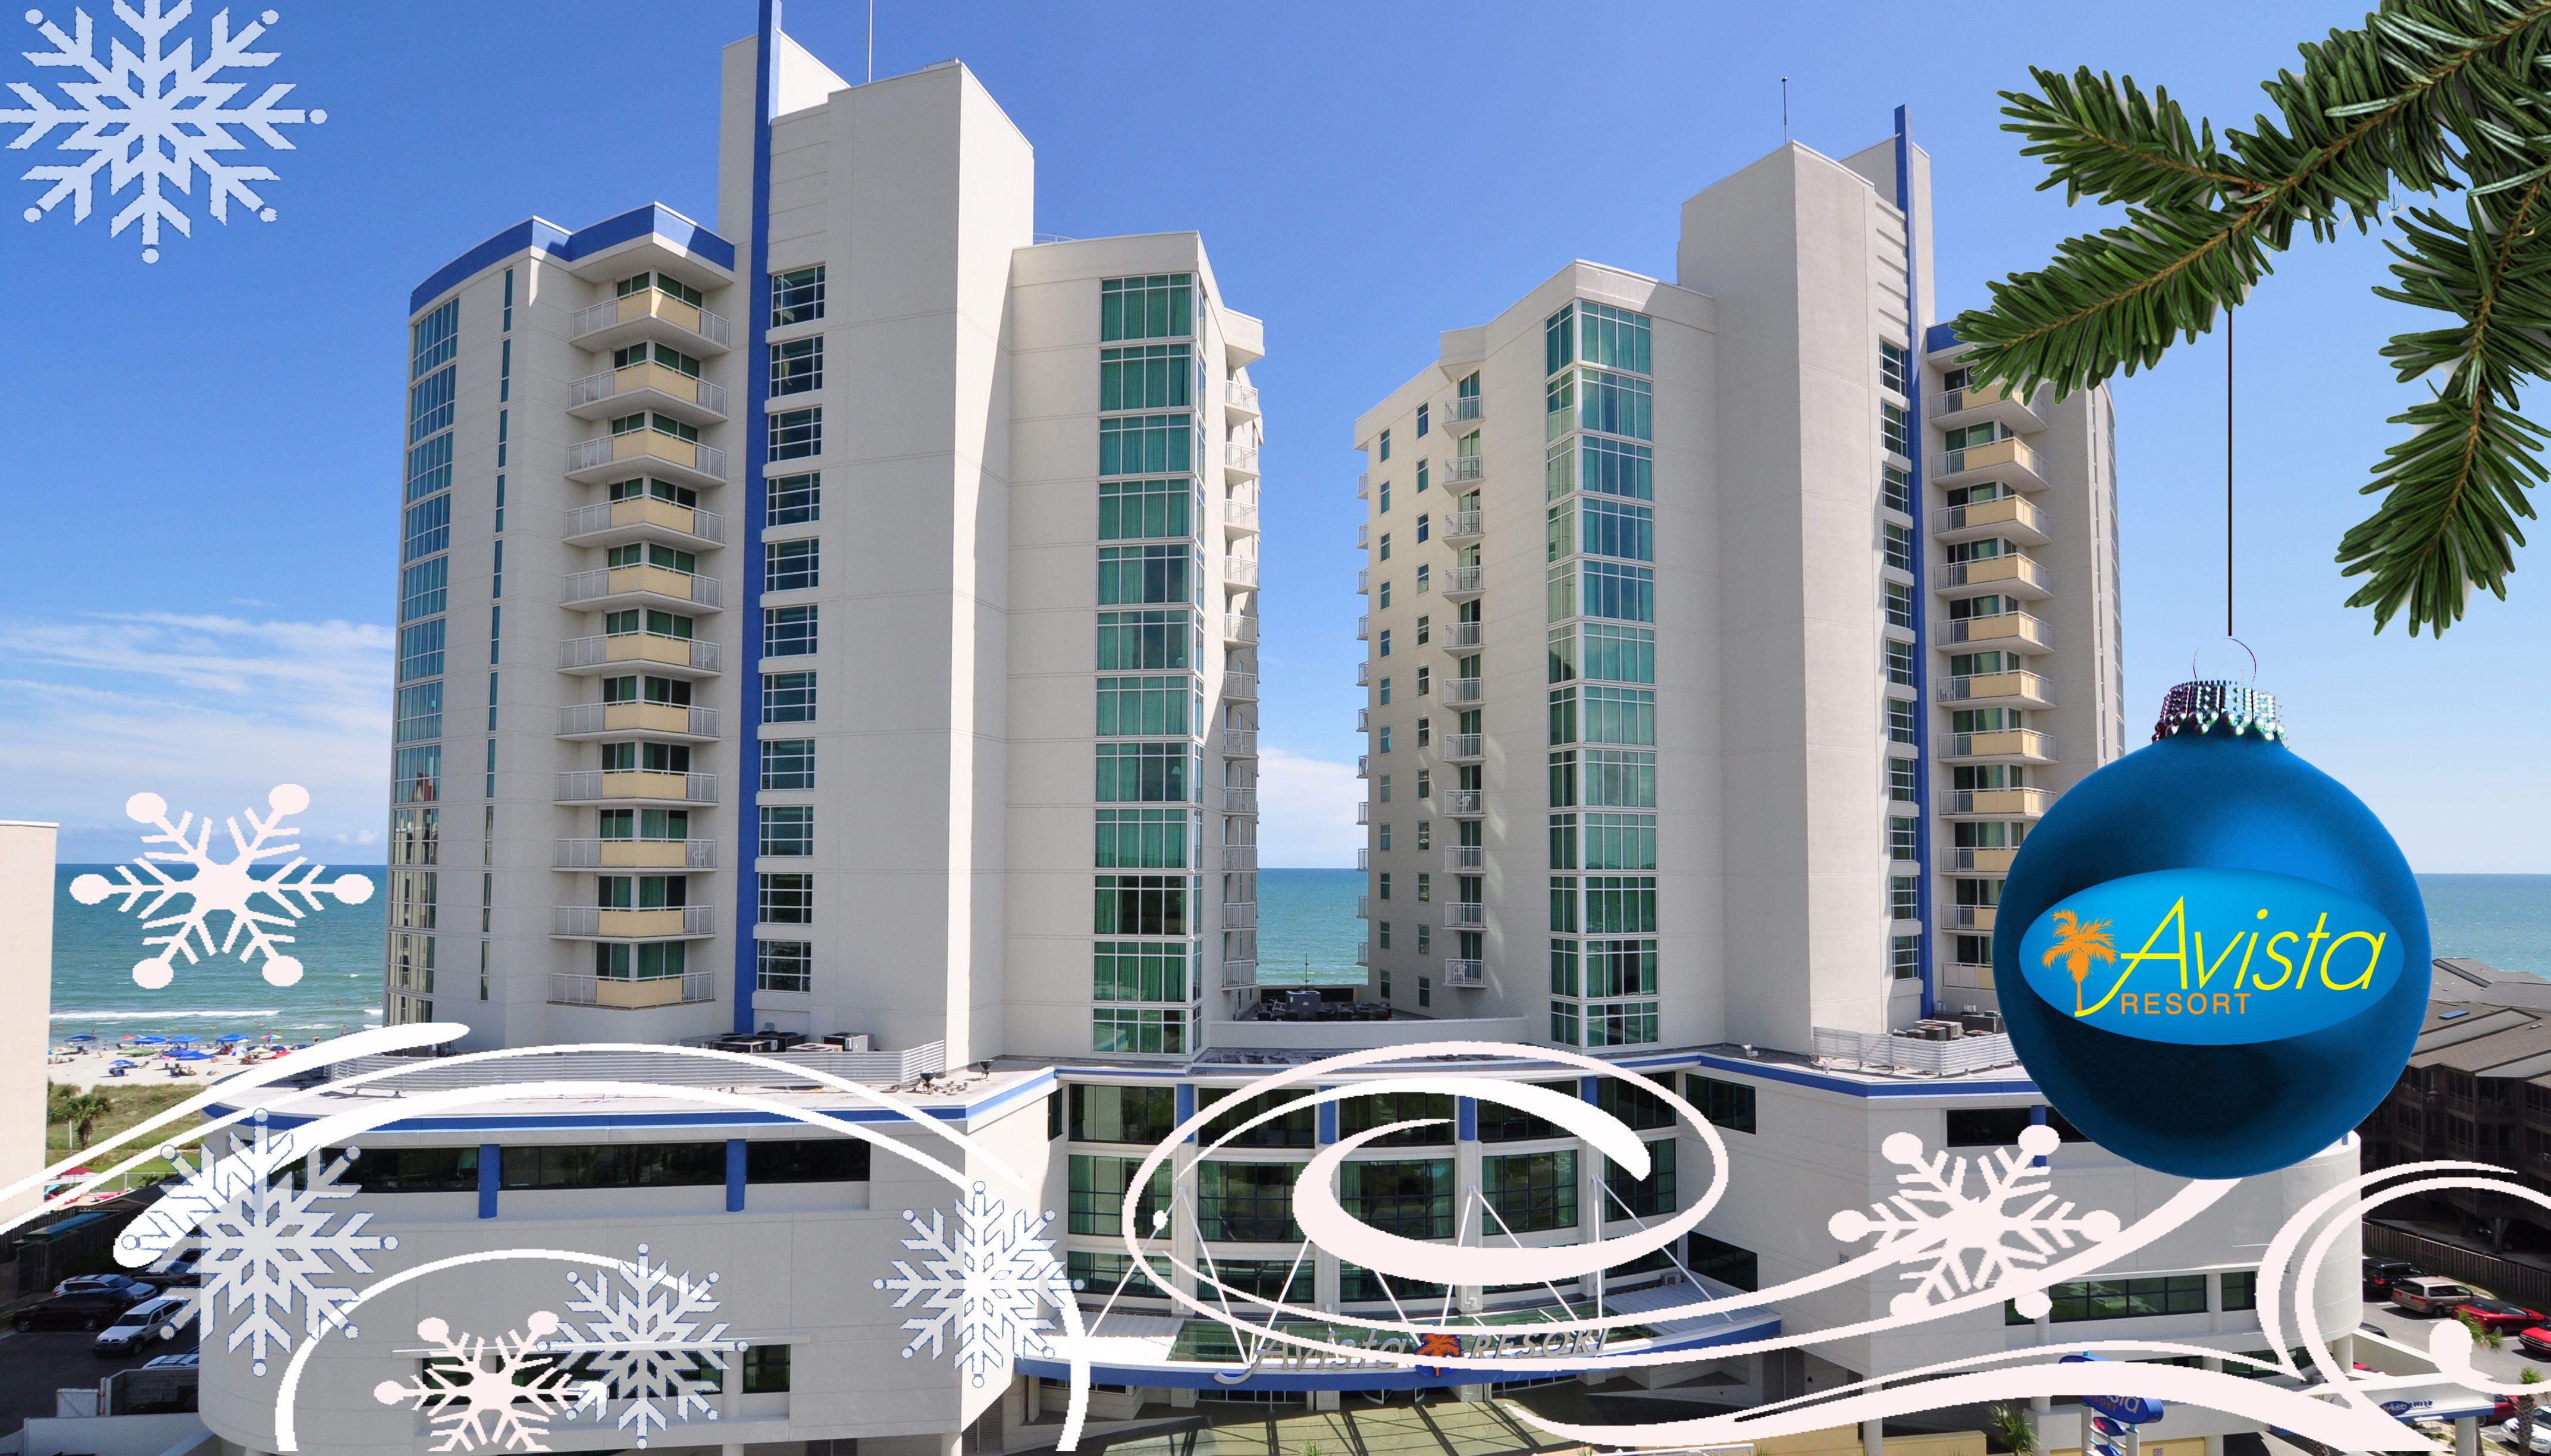 Visit Avista Resort to enjoy Myrtle Beach oceanfront views